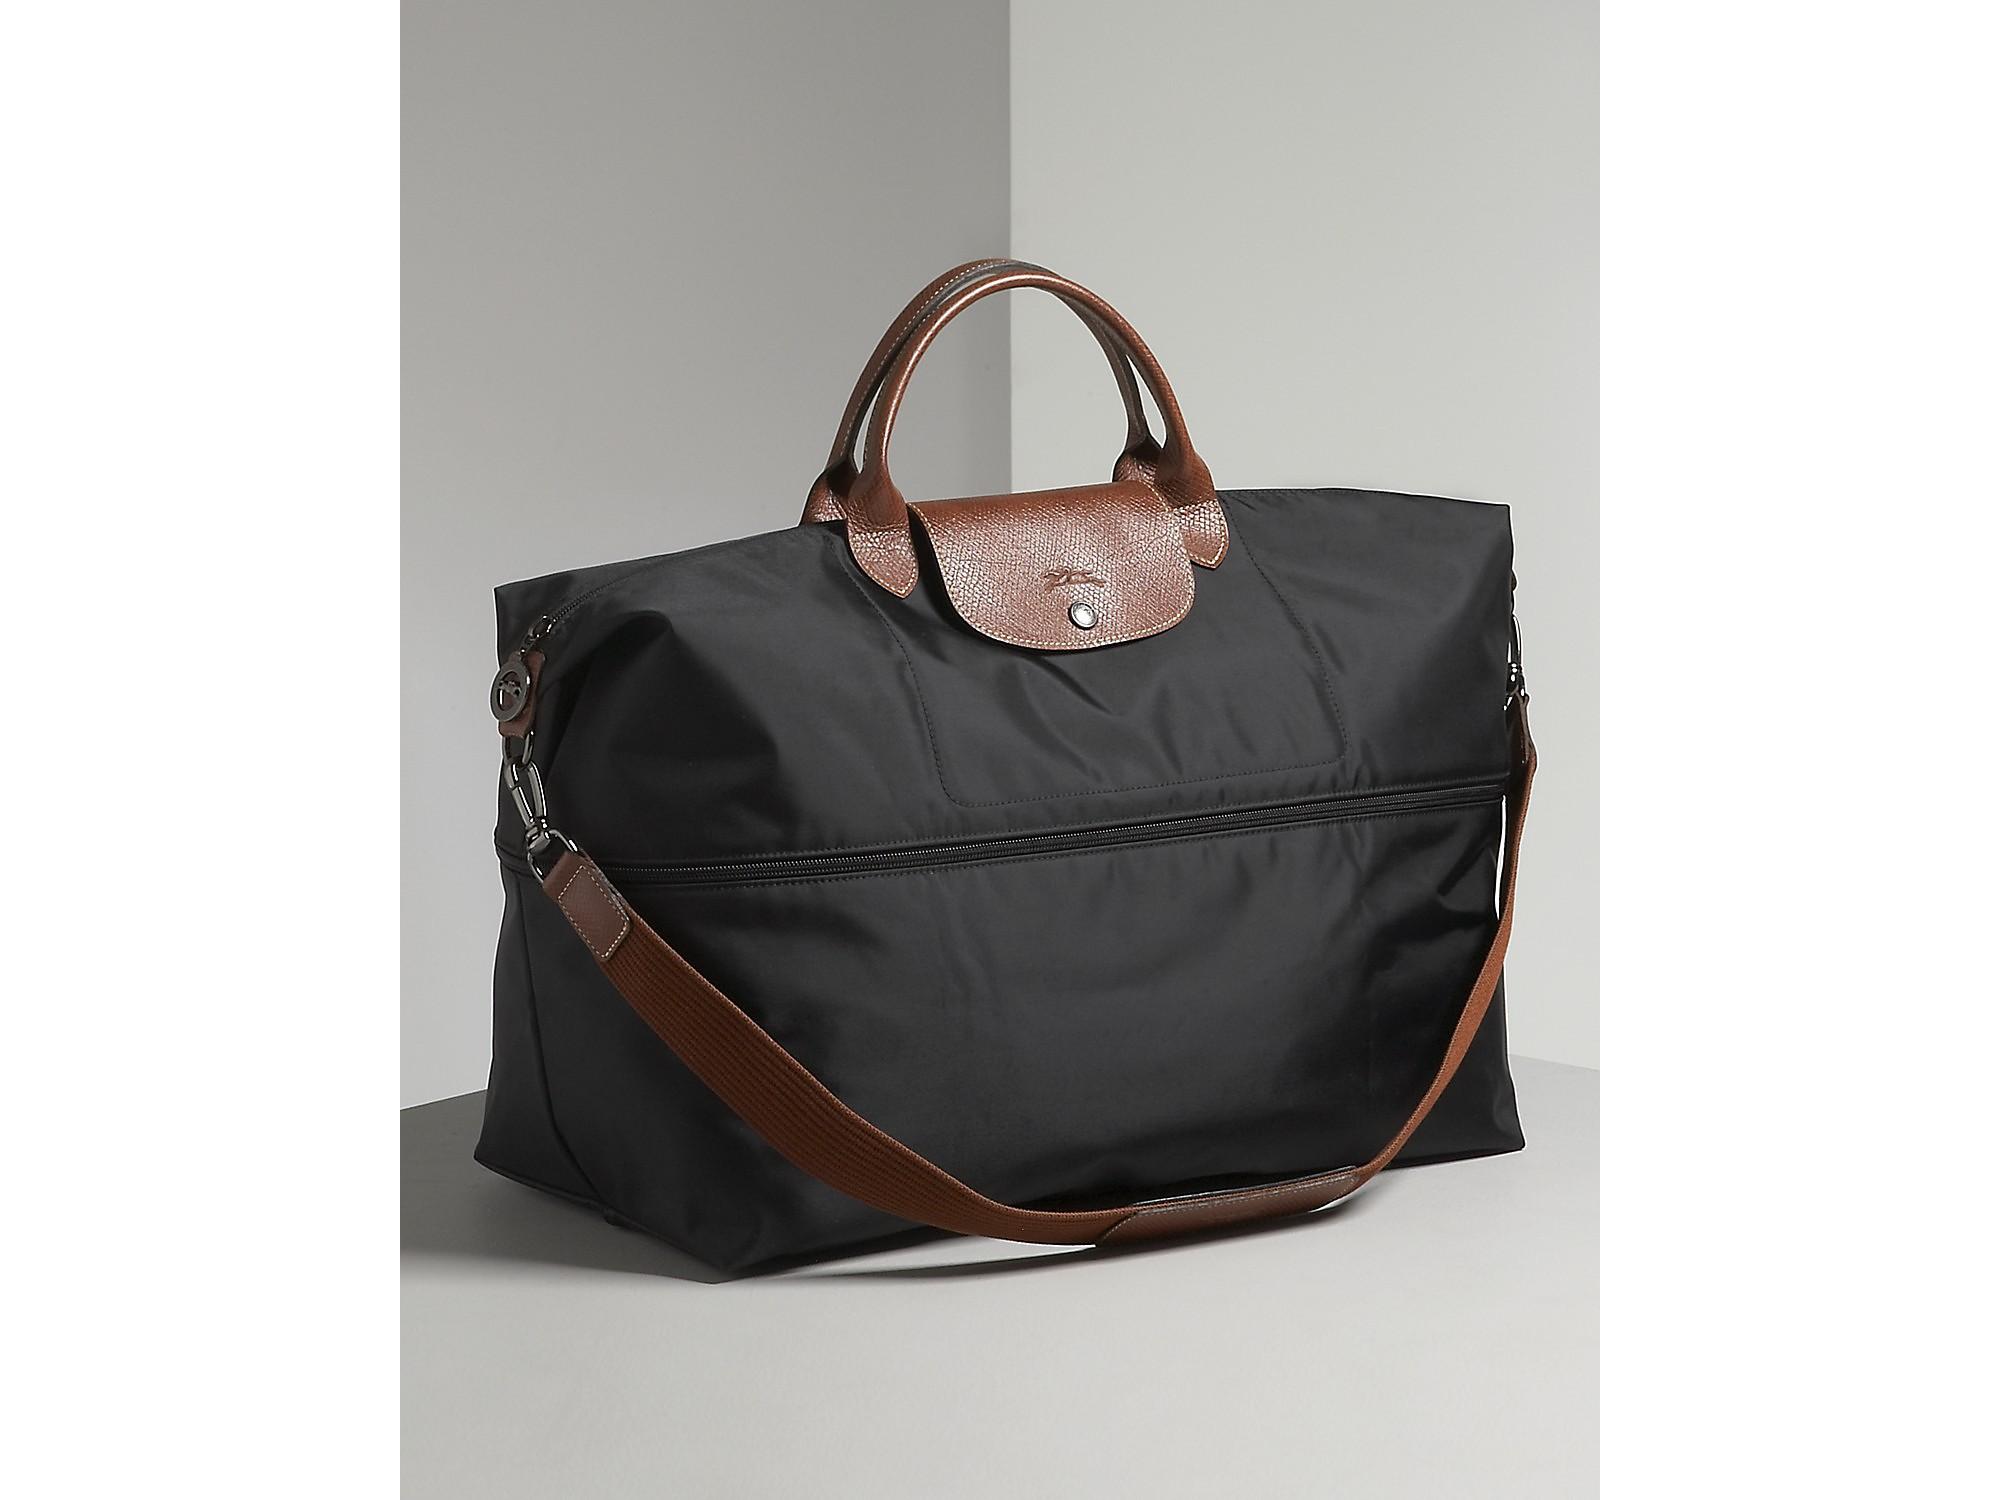 a52d37cc8d83 Longchamp Le Pliage Expandable Travel Tote in Black - Lyst